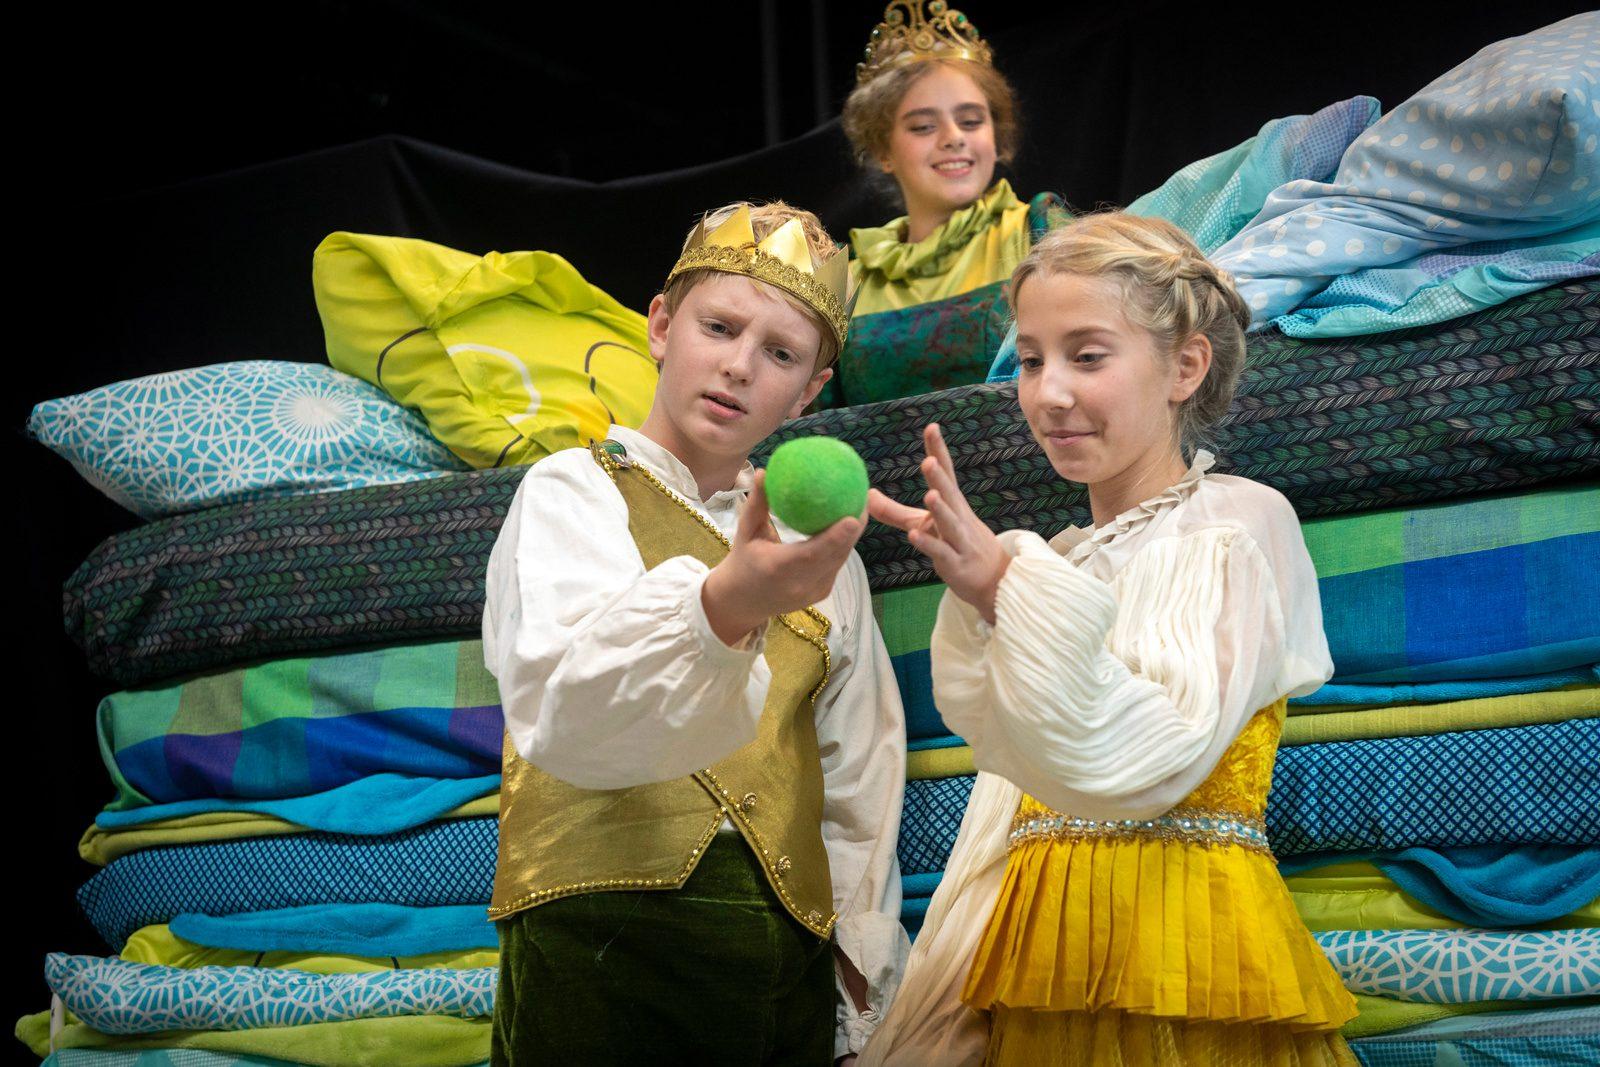 Ankündigung - Weihnachtsmärchen 2019 am theater im e.novum - Prinzessin auf der Erbse